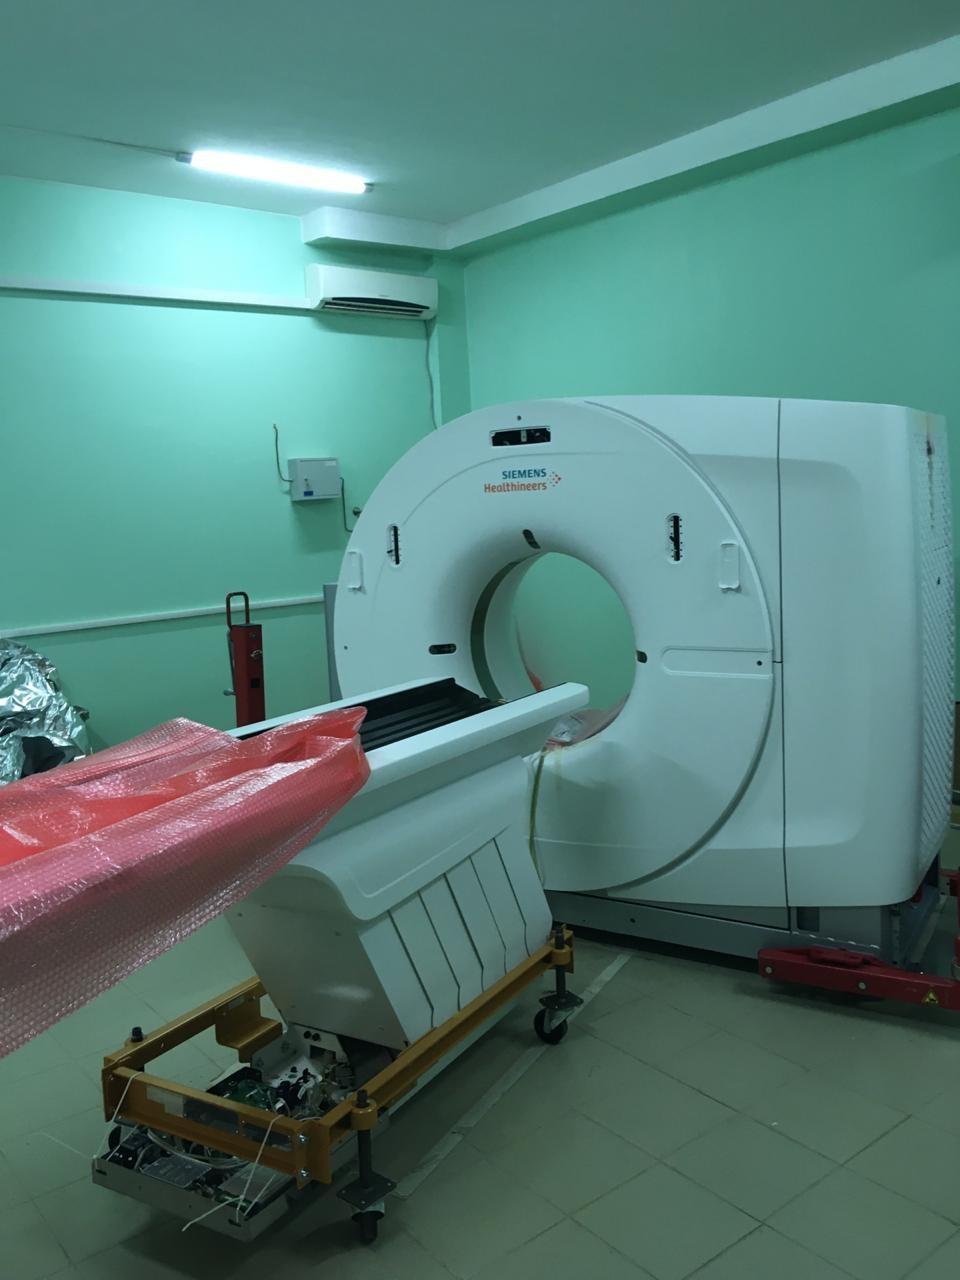 Новый КТ-томограф за 34 миллиона рублей заработает в Кстовской больнице. Фото: Министерство здравоохранения Нижегородской области